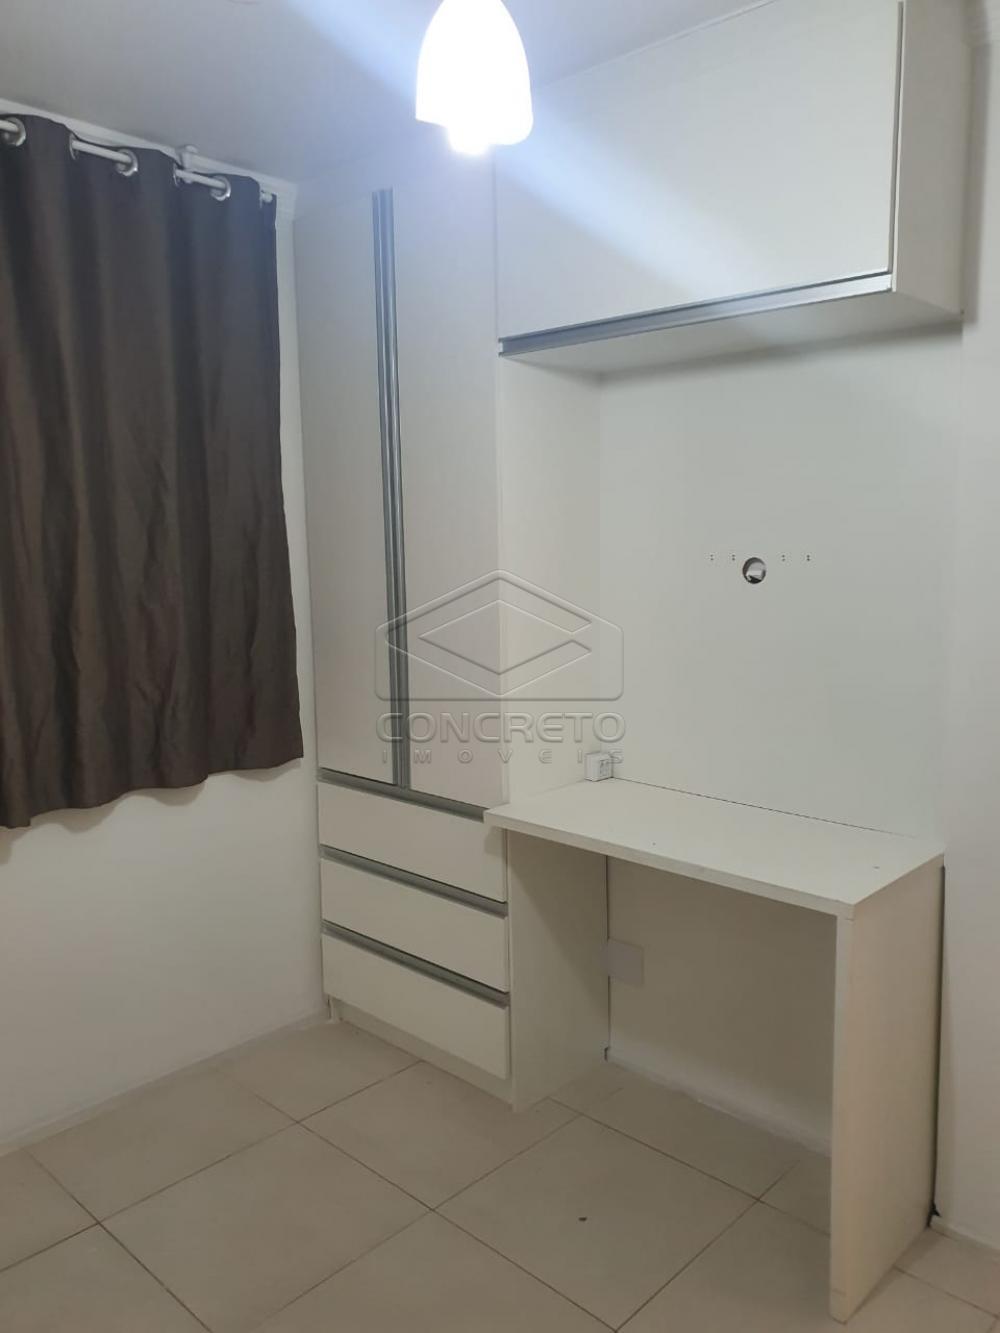 Comprar Apartamento / Padrão em Bauru apenas R$ 400.000,00 - Foto 11